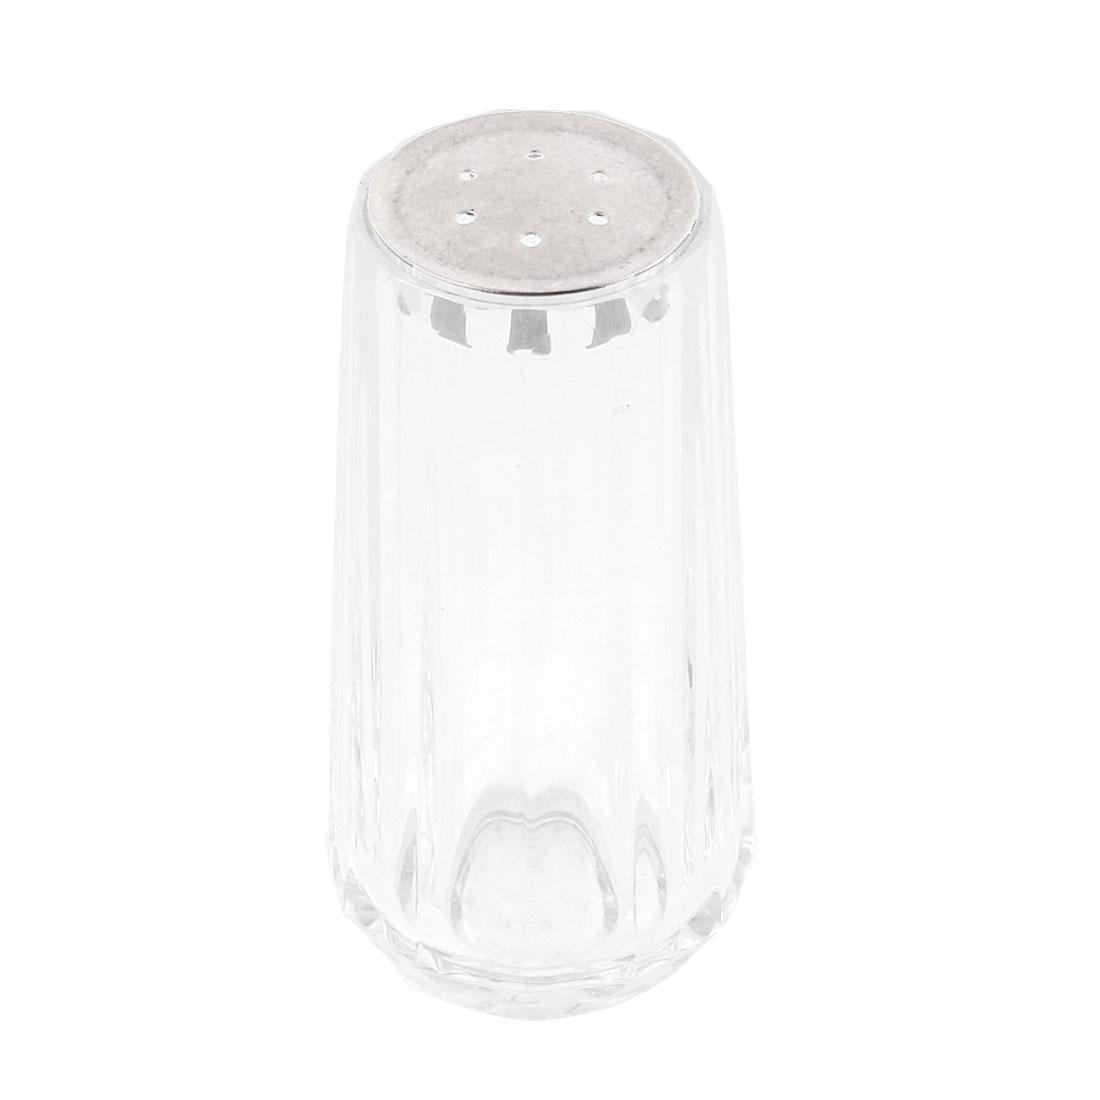 Restaurant Home Kitchen Acrylic Spices Salt Chili Powder Cruet Bottle Clear